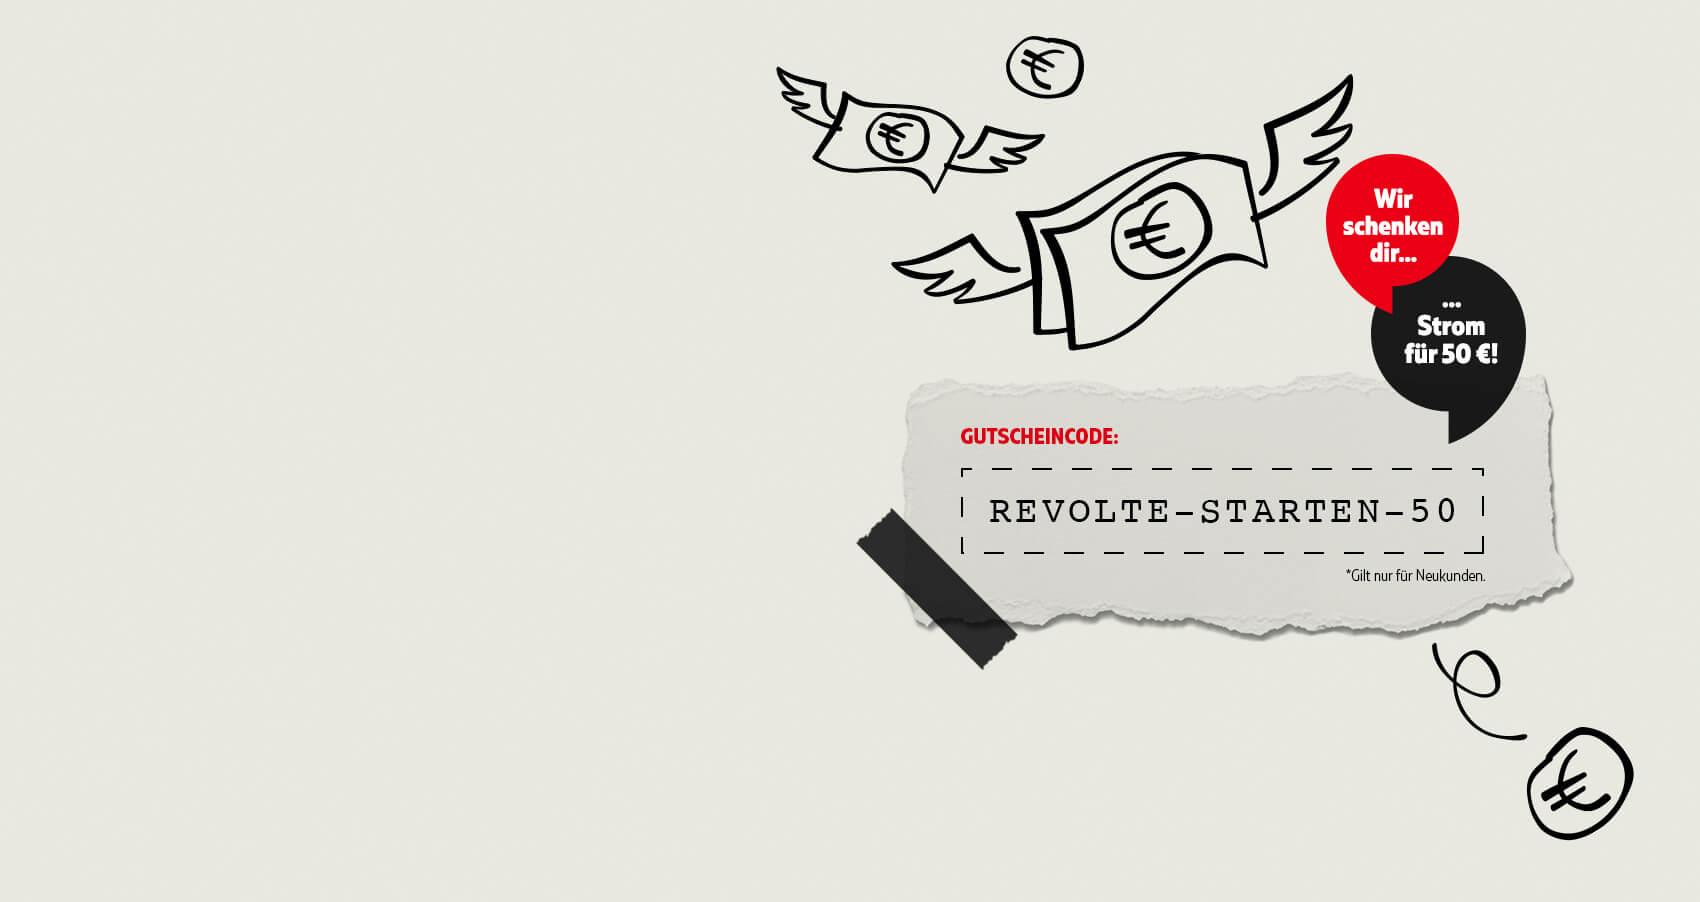 Fliegender Geldschein, Zettel mit Gutscheincode REVOLTE-STARTEN-50